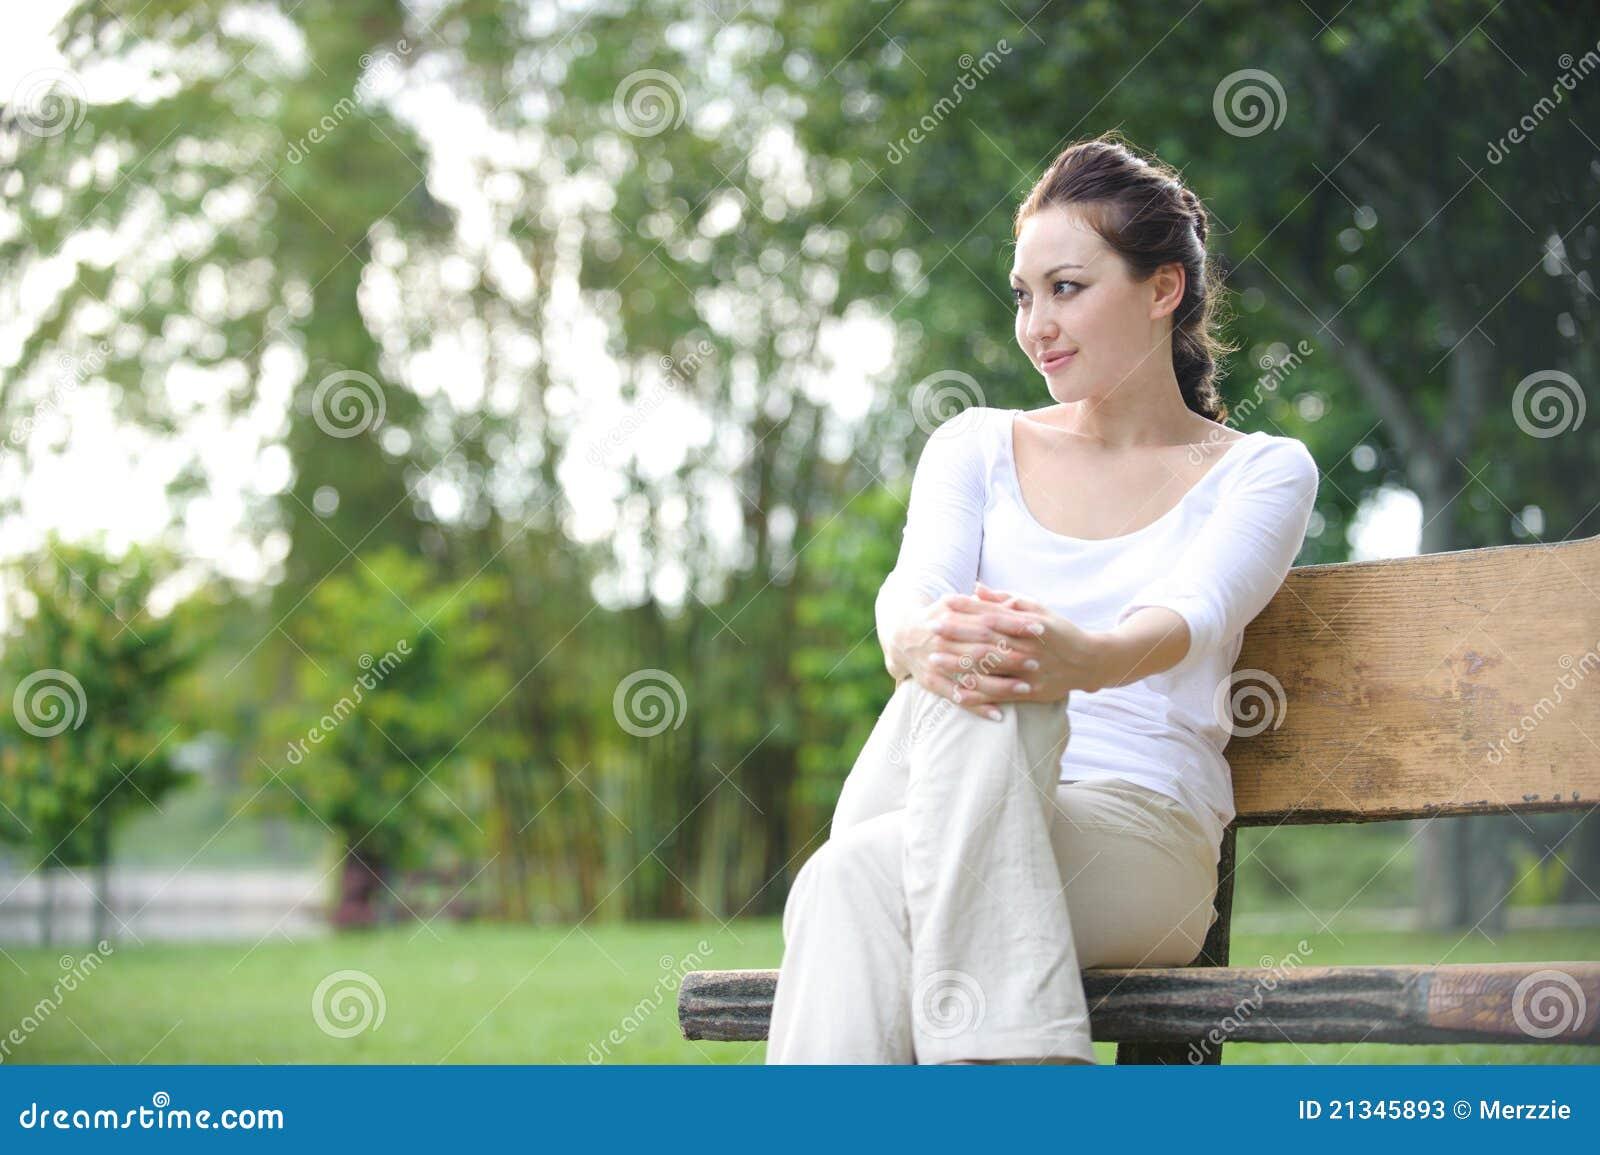 Ελκυστική υγιής ασιατική γυναίκα